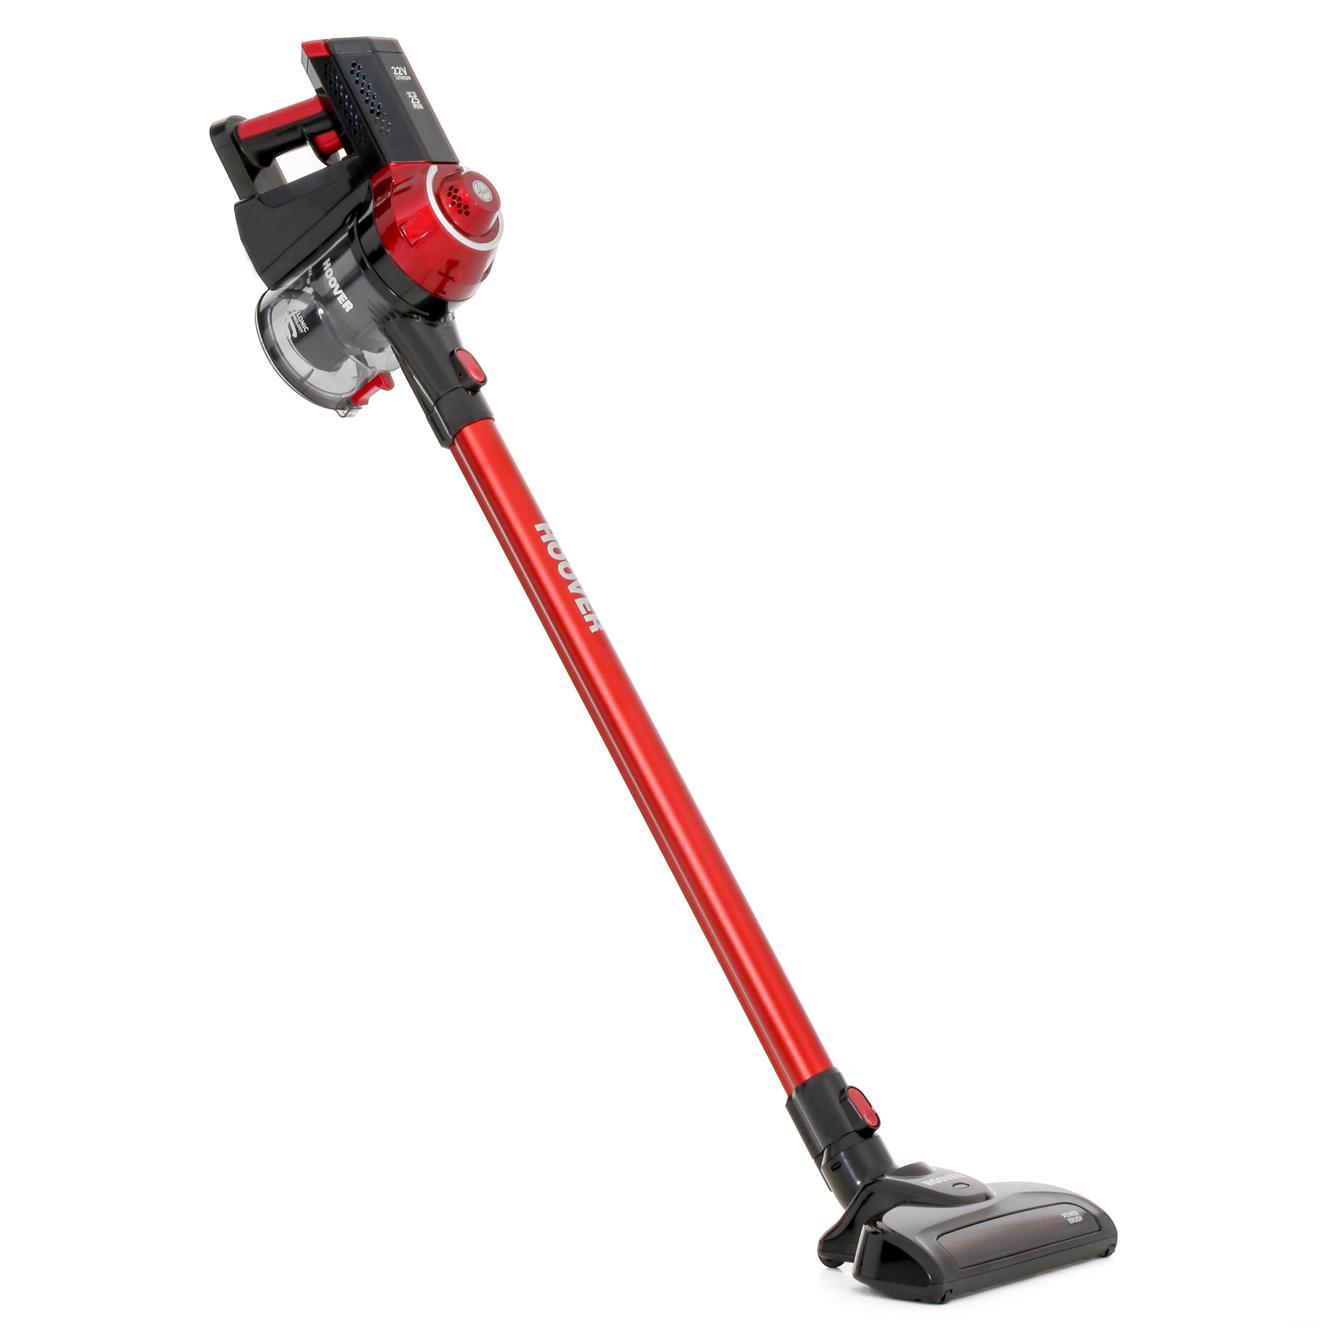 Hoover FD22BR Hand Held Vacuum Cleaner